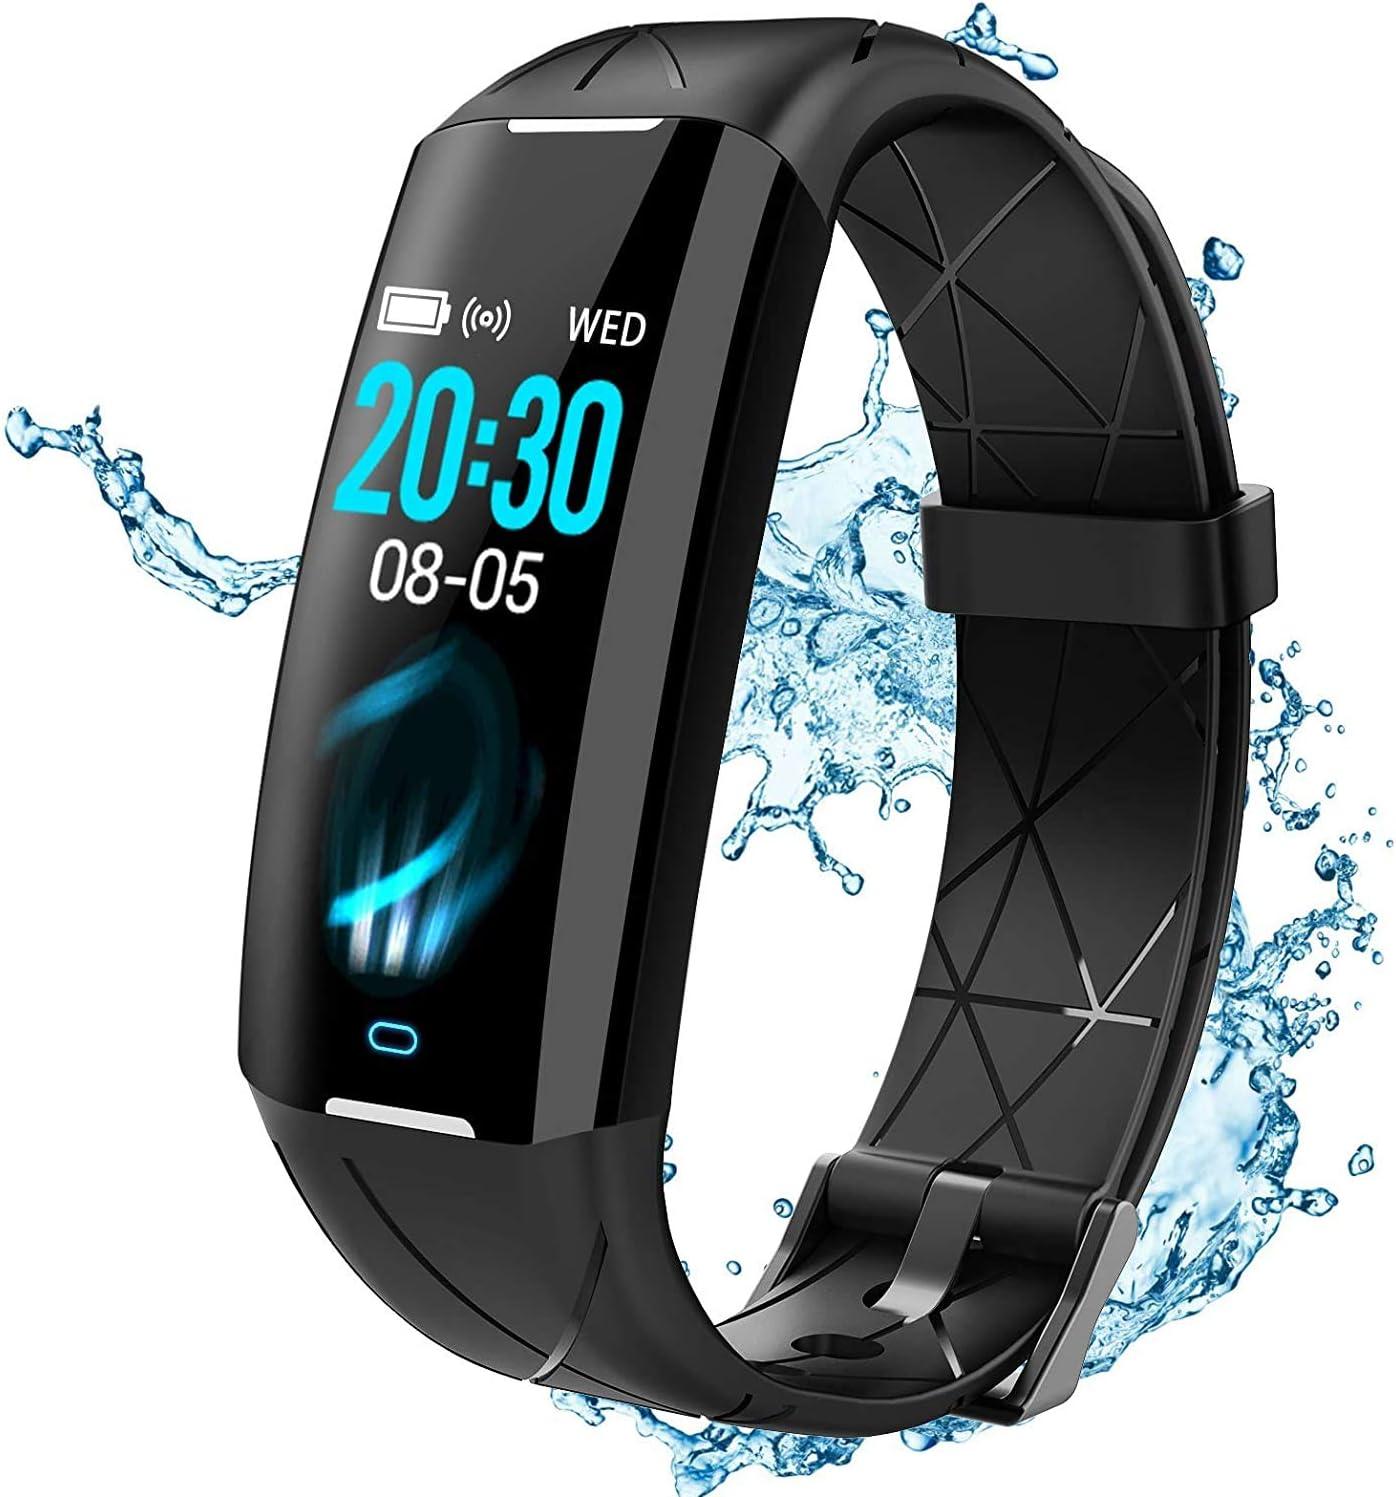 ELEGIANT Pulsera de Actividad Inteligente para Mujeres Hombres, Reloj Inteligente IP68, Monitor de Ritmo Cardíaco de Sueño, Podómetro, Calorías, 24 Modos Deportivos, Notificación SMS para Android iOS